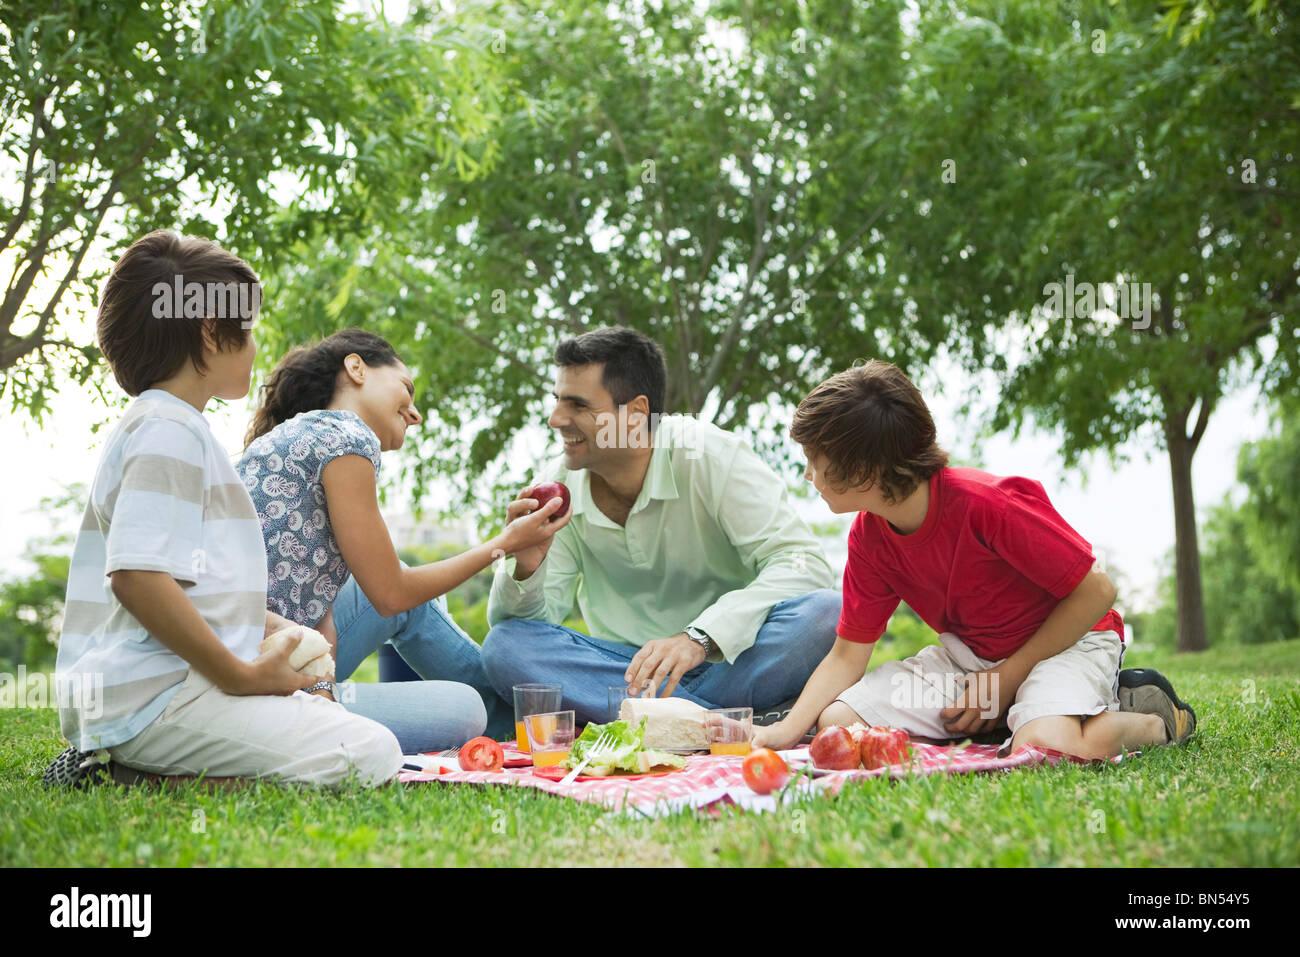 Pique-nique en famille en plein air Banque D'Images